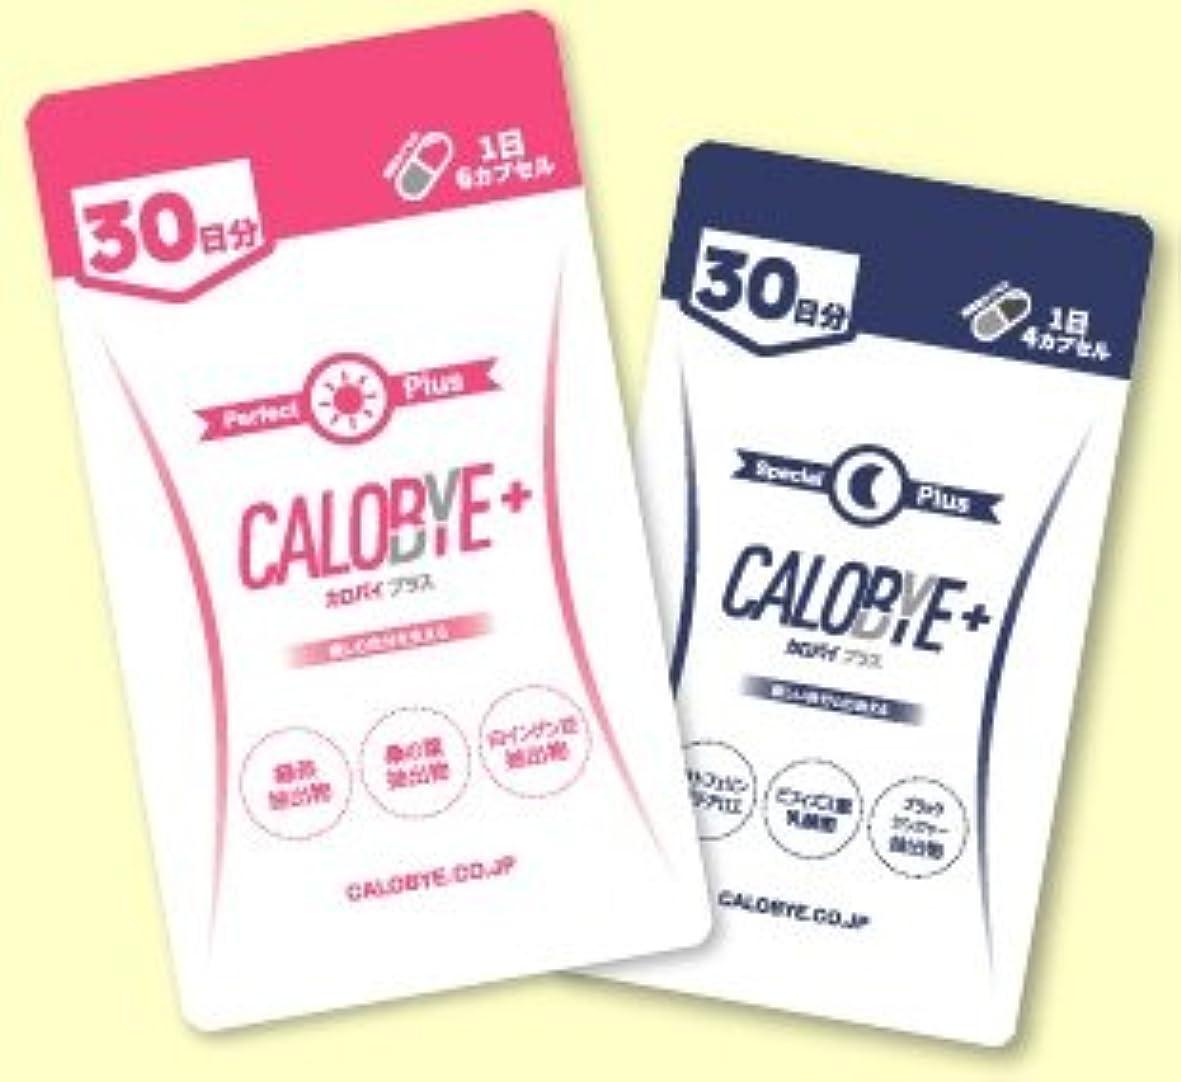 いたずら努力するそれCALOBYE+ (カロバイプラス) CALOBYE SPECIAL+ (カロバイスペシャルプラス) 昼夜セット